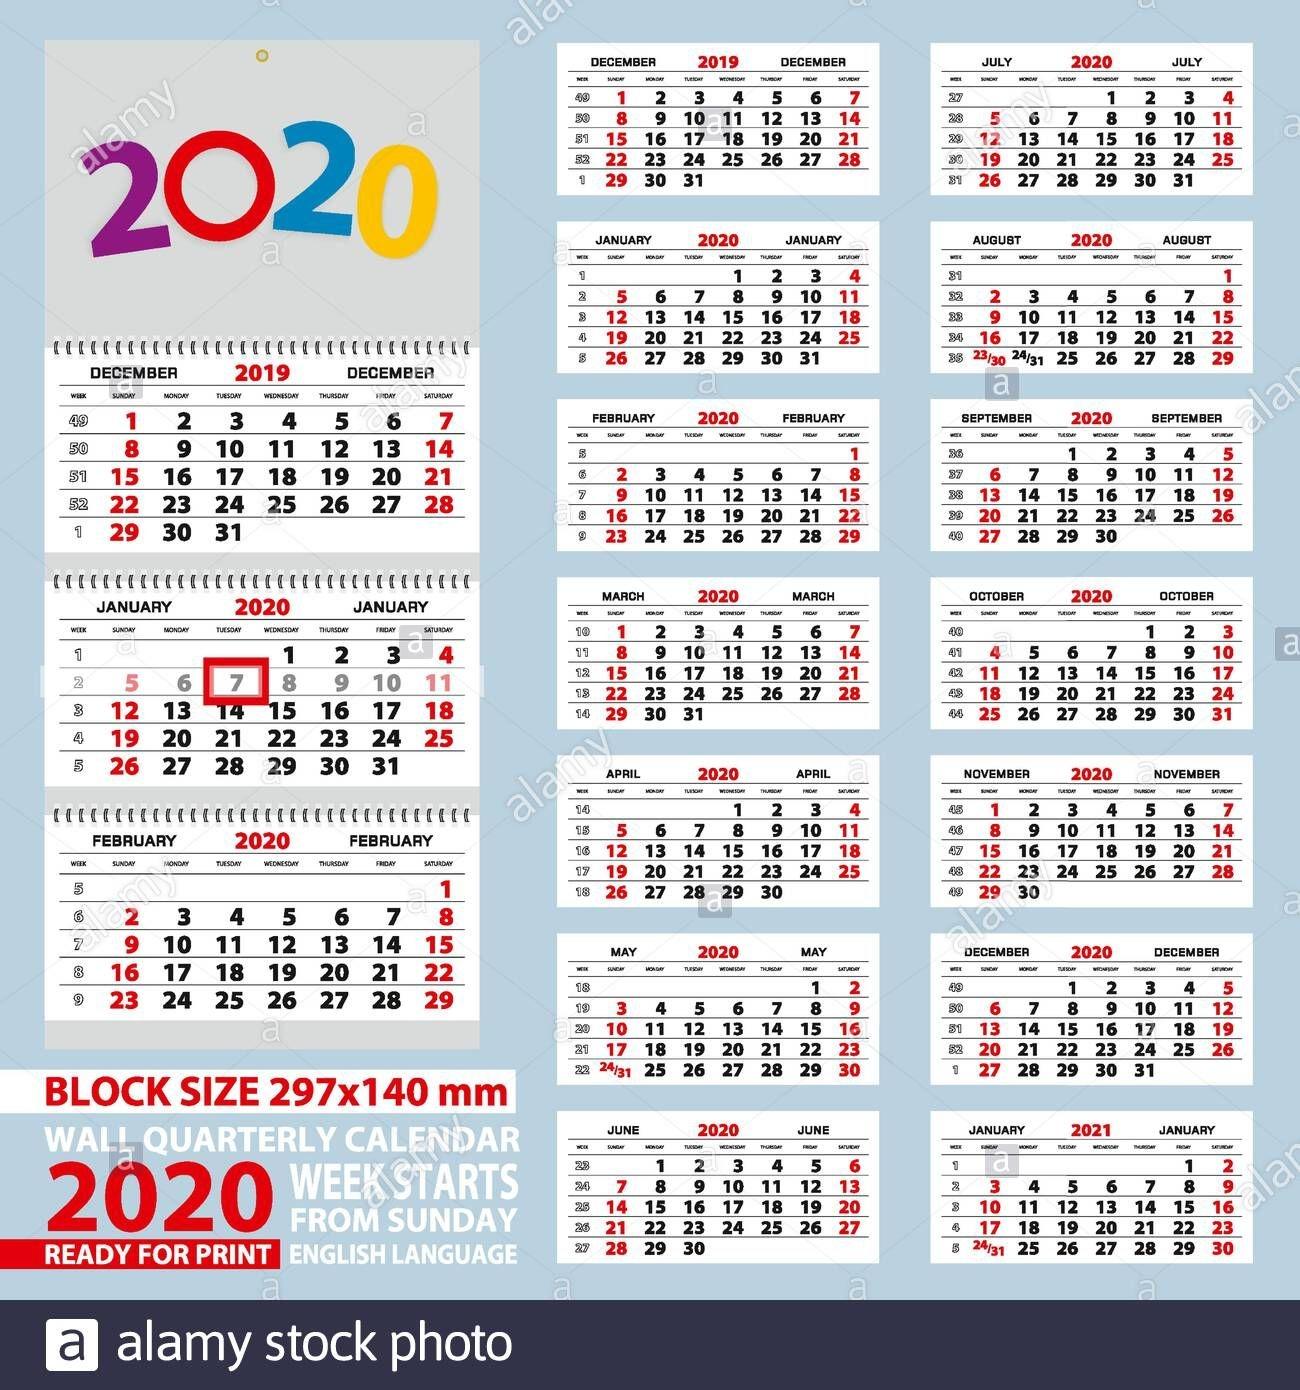 Wall Calendar 2020, Week Start From Sunday. Size A4, Block